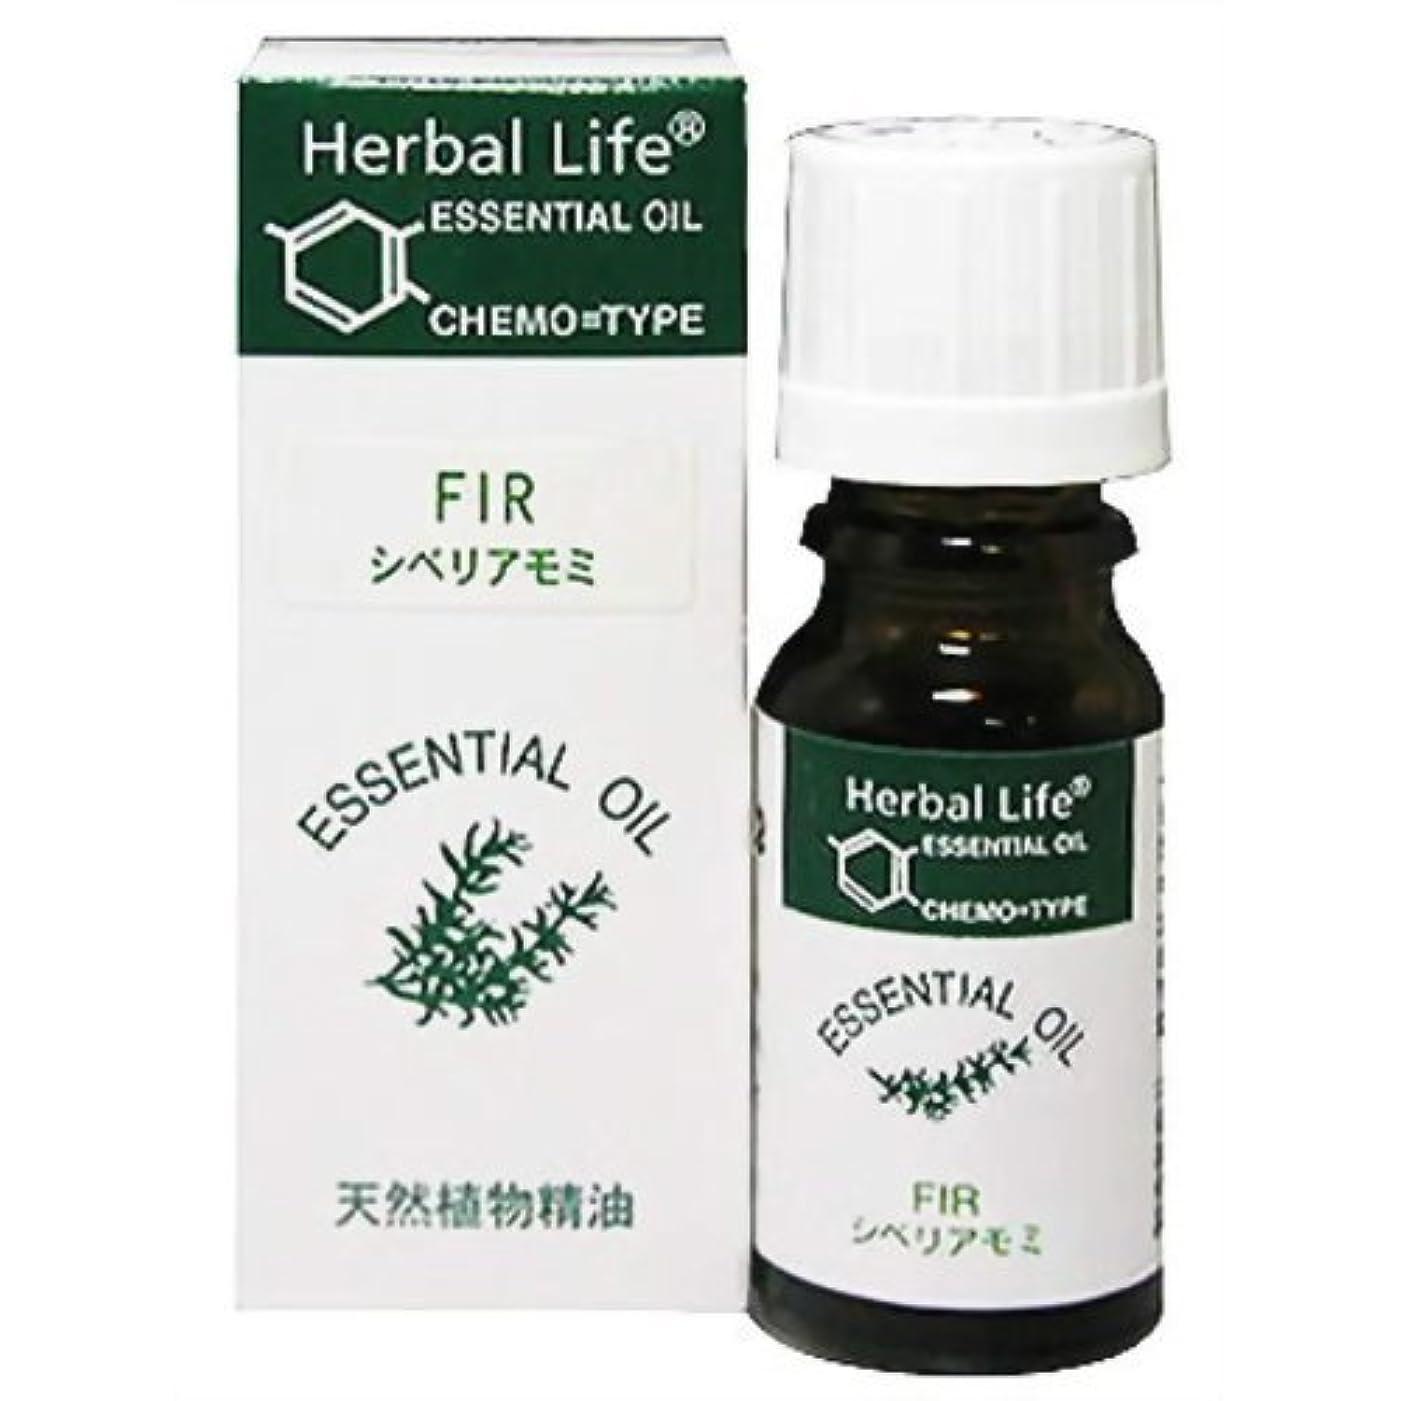 劣る反対するシュート生活の木 Herbal Life シベリアモミ 10ml